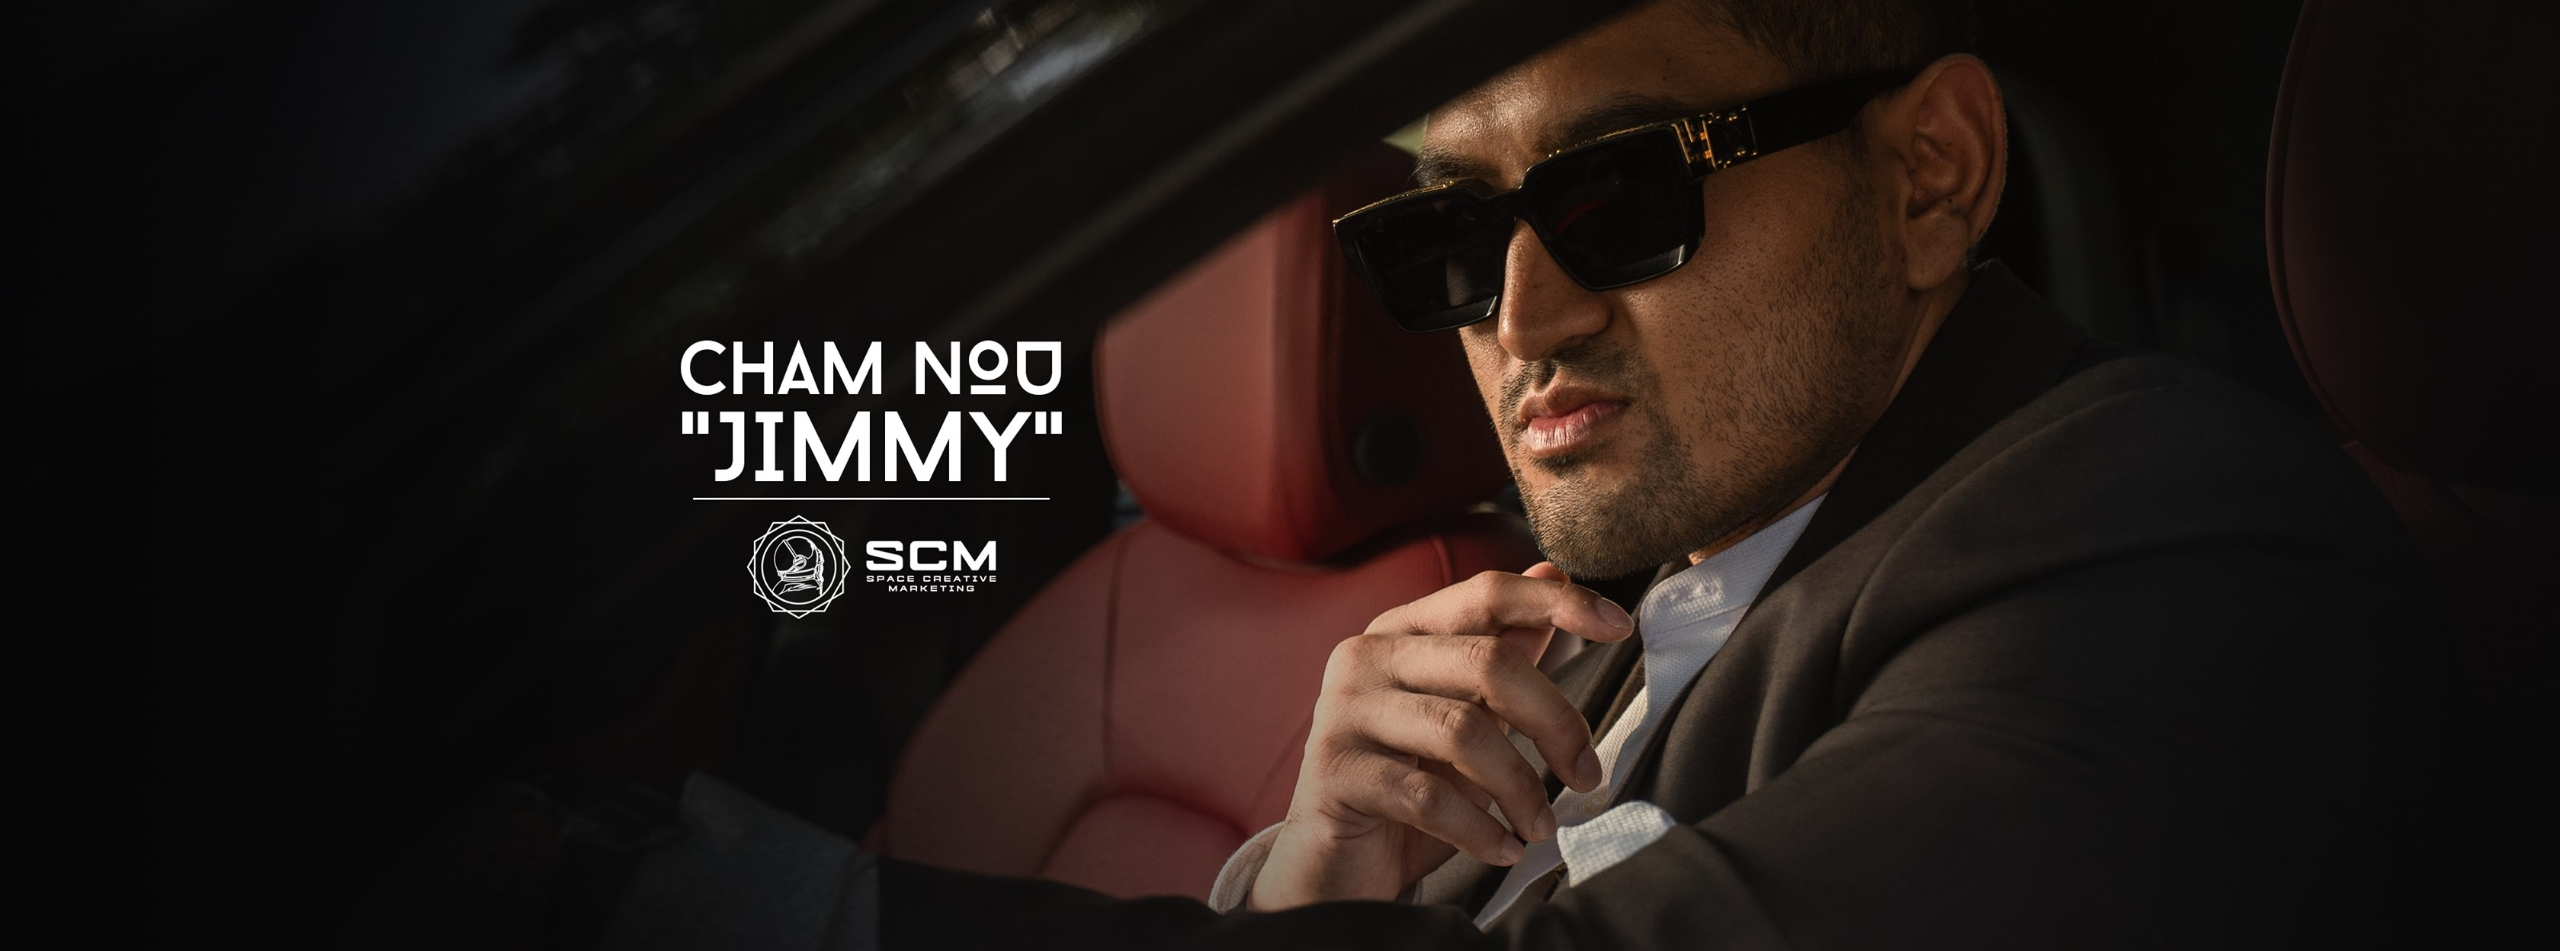 """Cham Nou """"Jimmy"""" (@chamnoujimmy) Cover Image"""